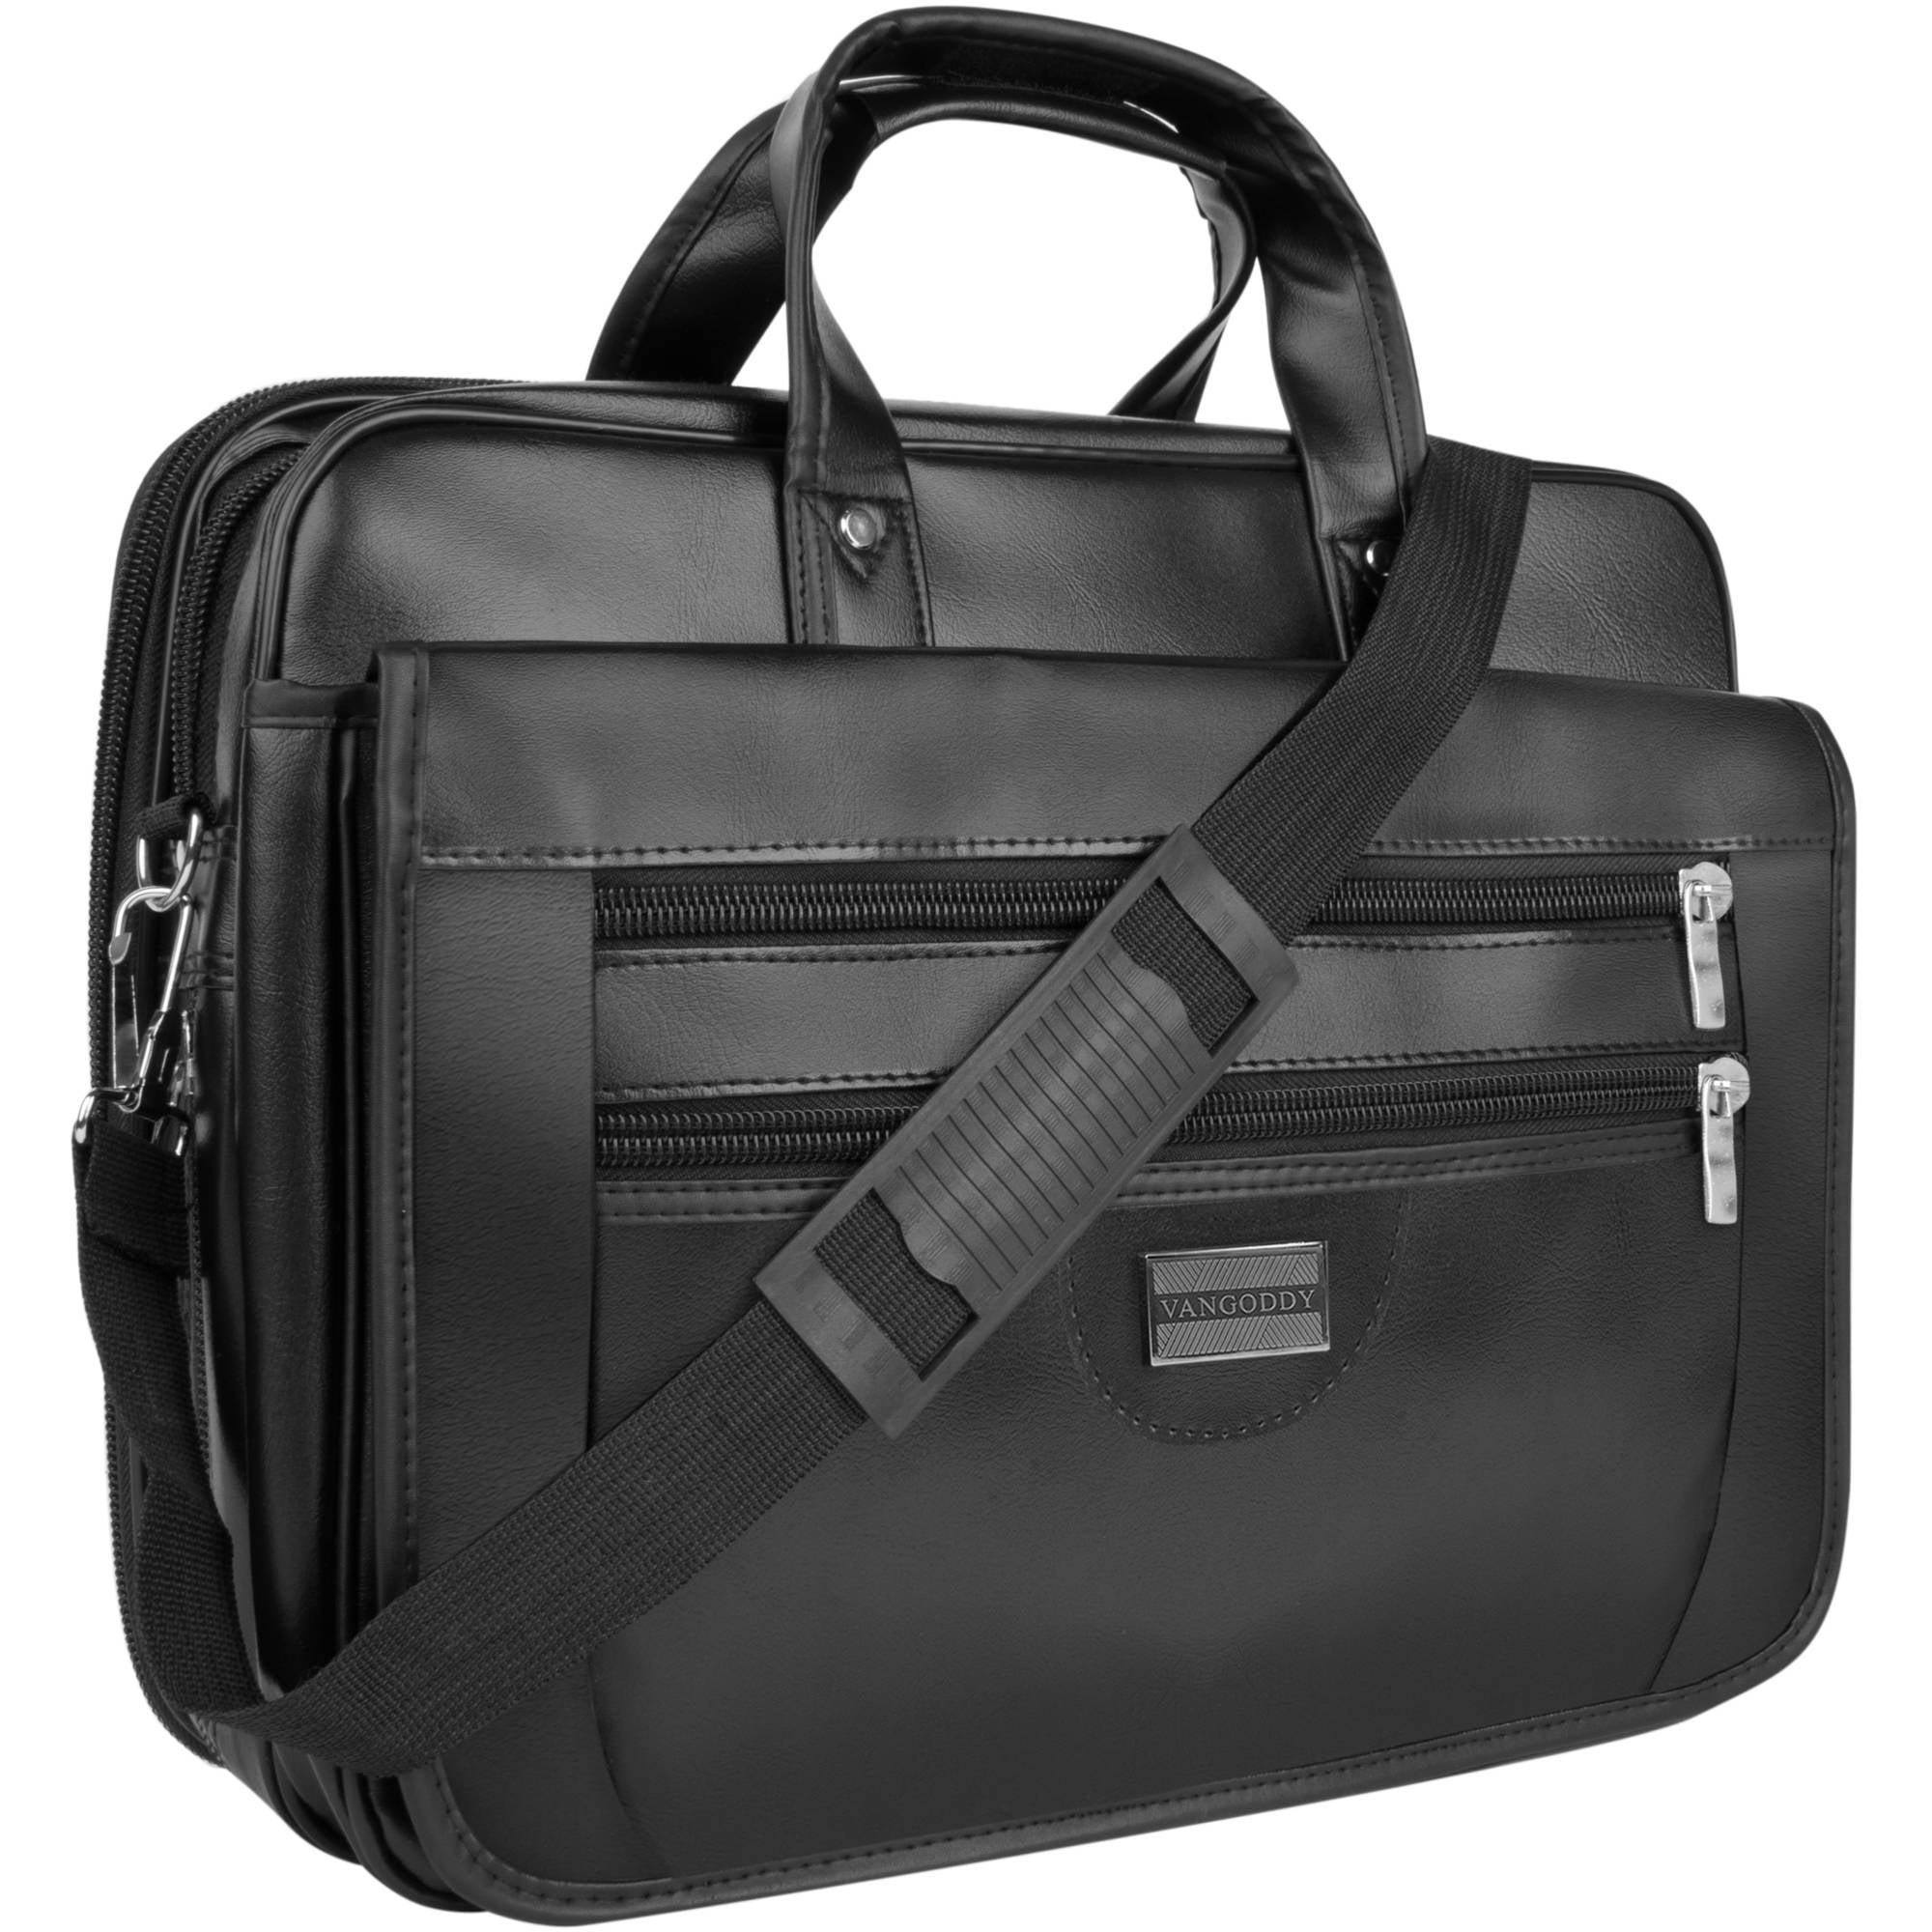 """Vangoddy Trogons Laptop Bag Professional Over the Shoulder Vegan Leather Laptop/Ultrabook Bag Case for Laptops/Ultrabooks up to 15.6"""""""